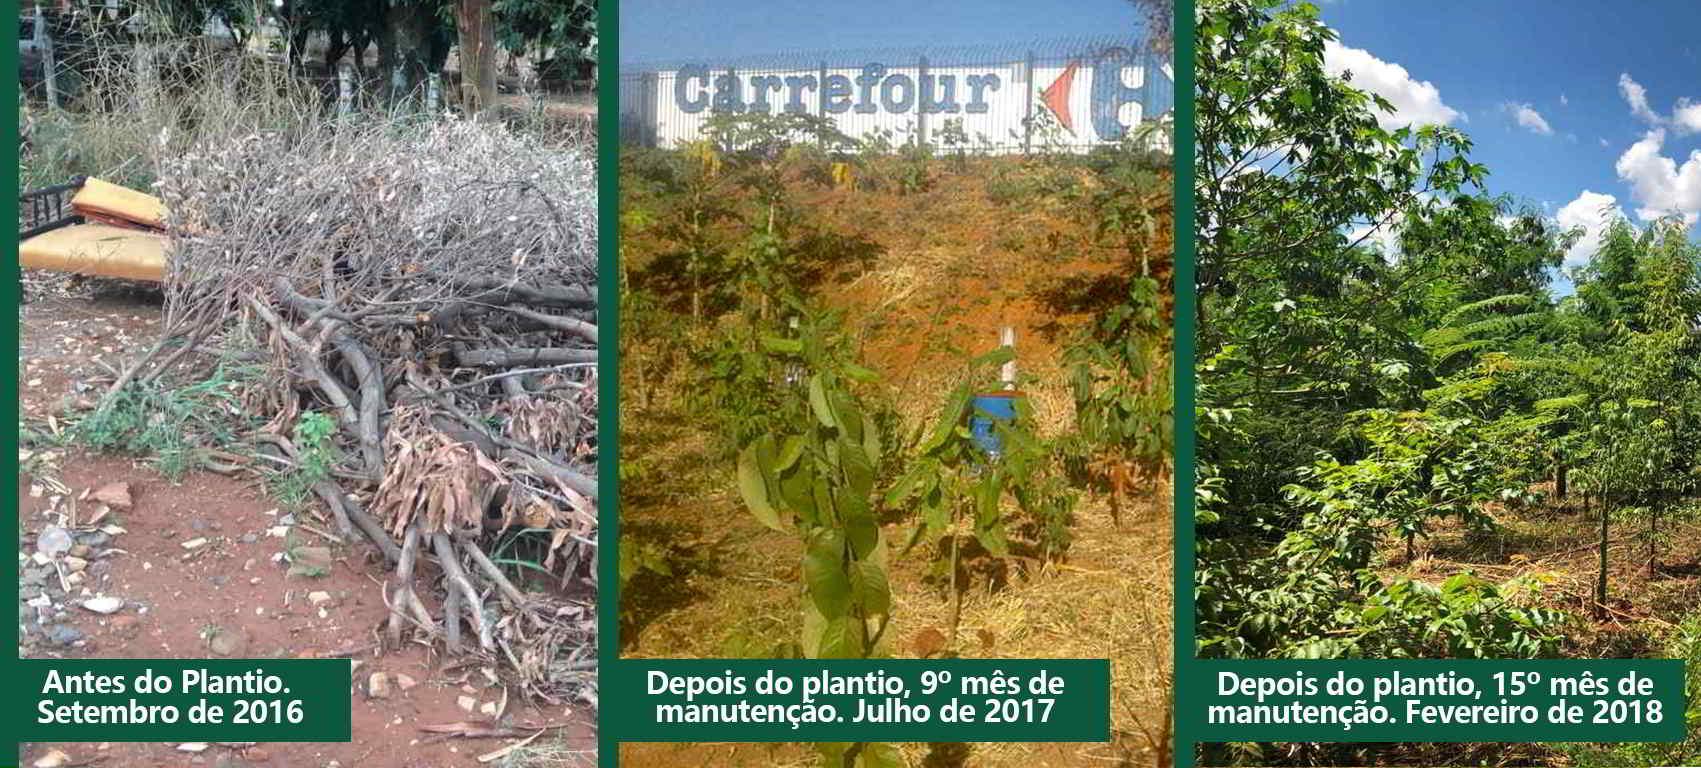 No perímetro urbano da capital goiana, a Área de Preservação Permanente –  APP do Córrego Cascavel, no terreno aos fundos do Carrefour, estava  degradada. 7bda2bbd1a